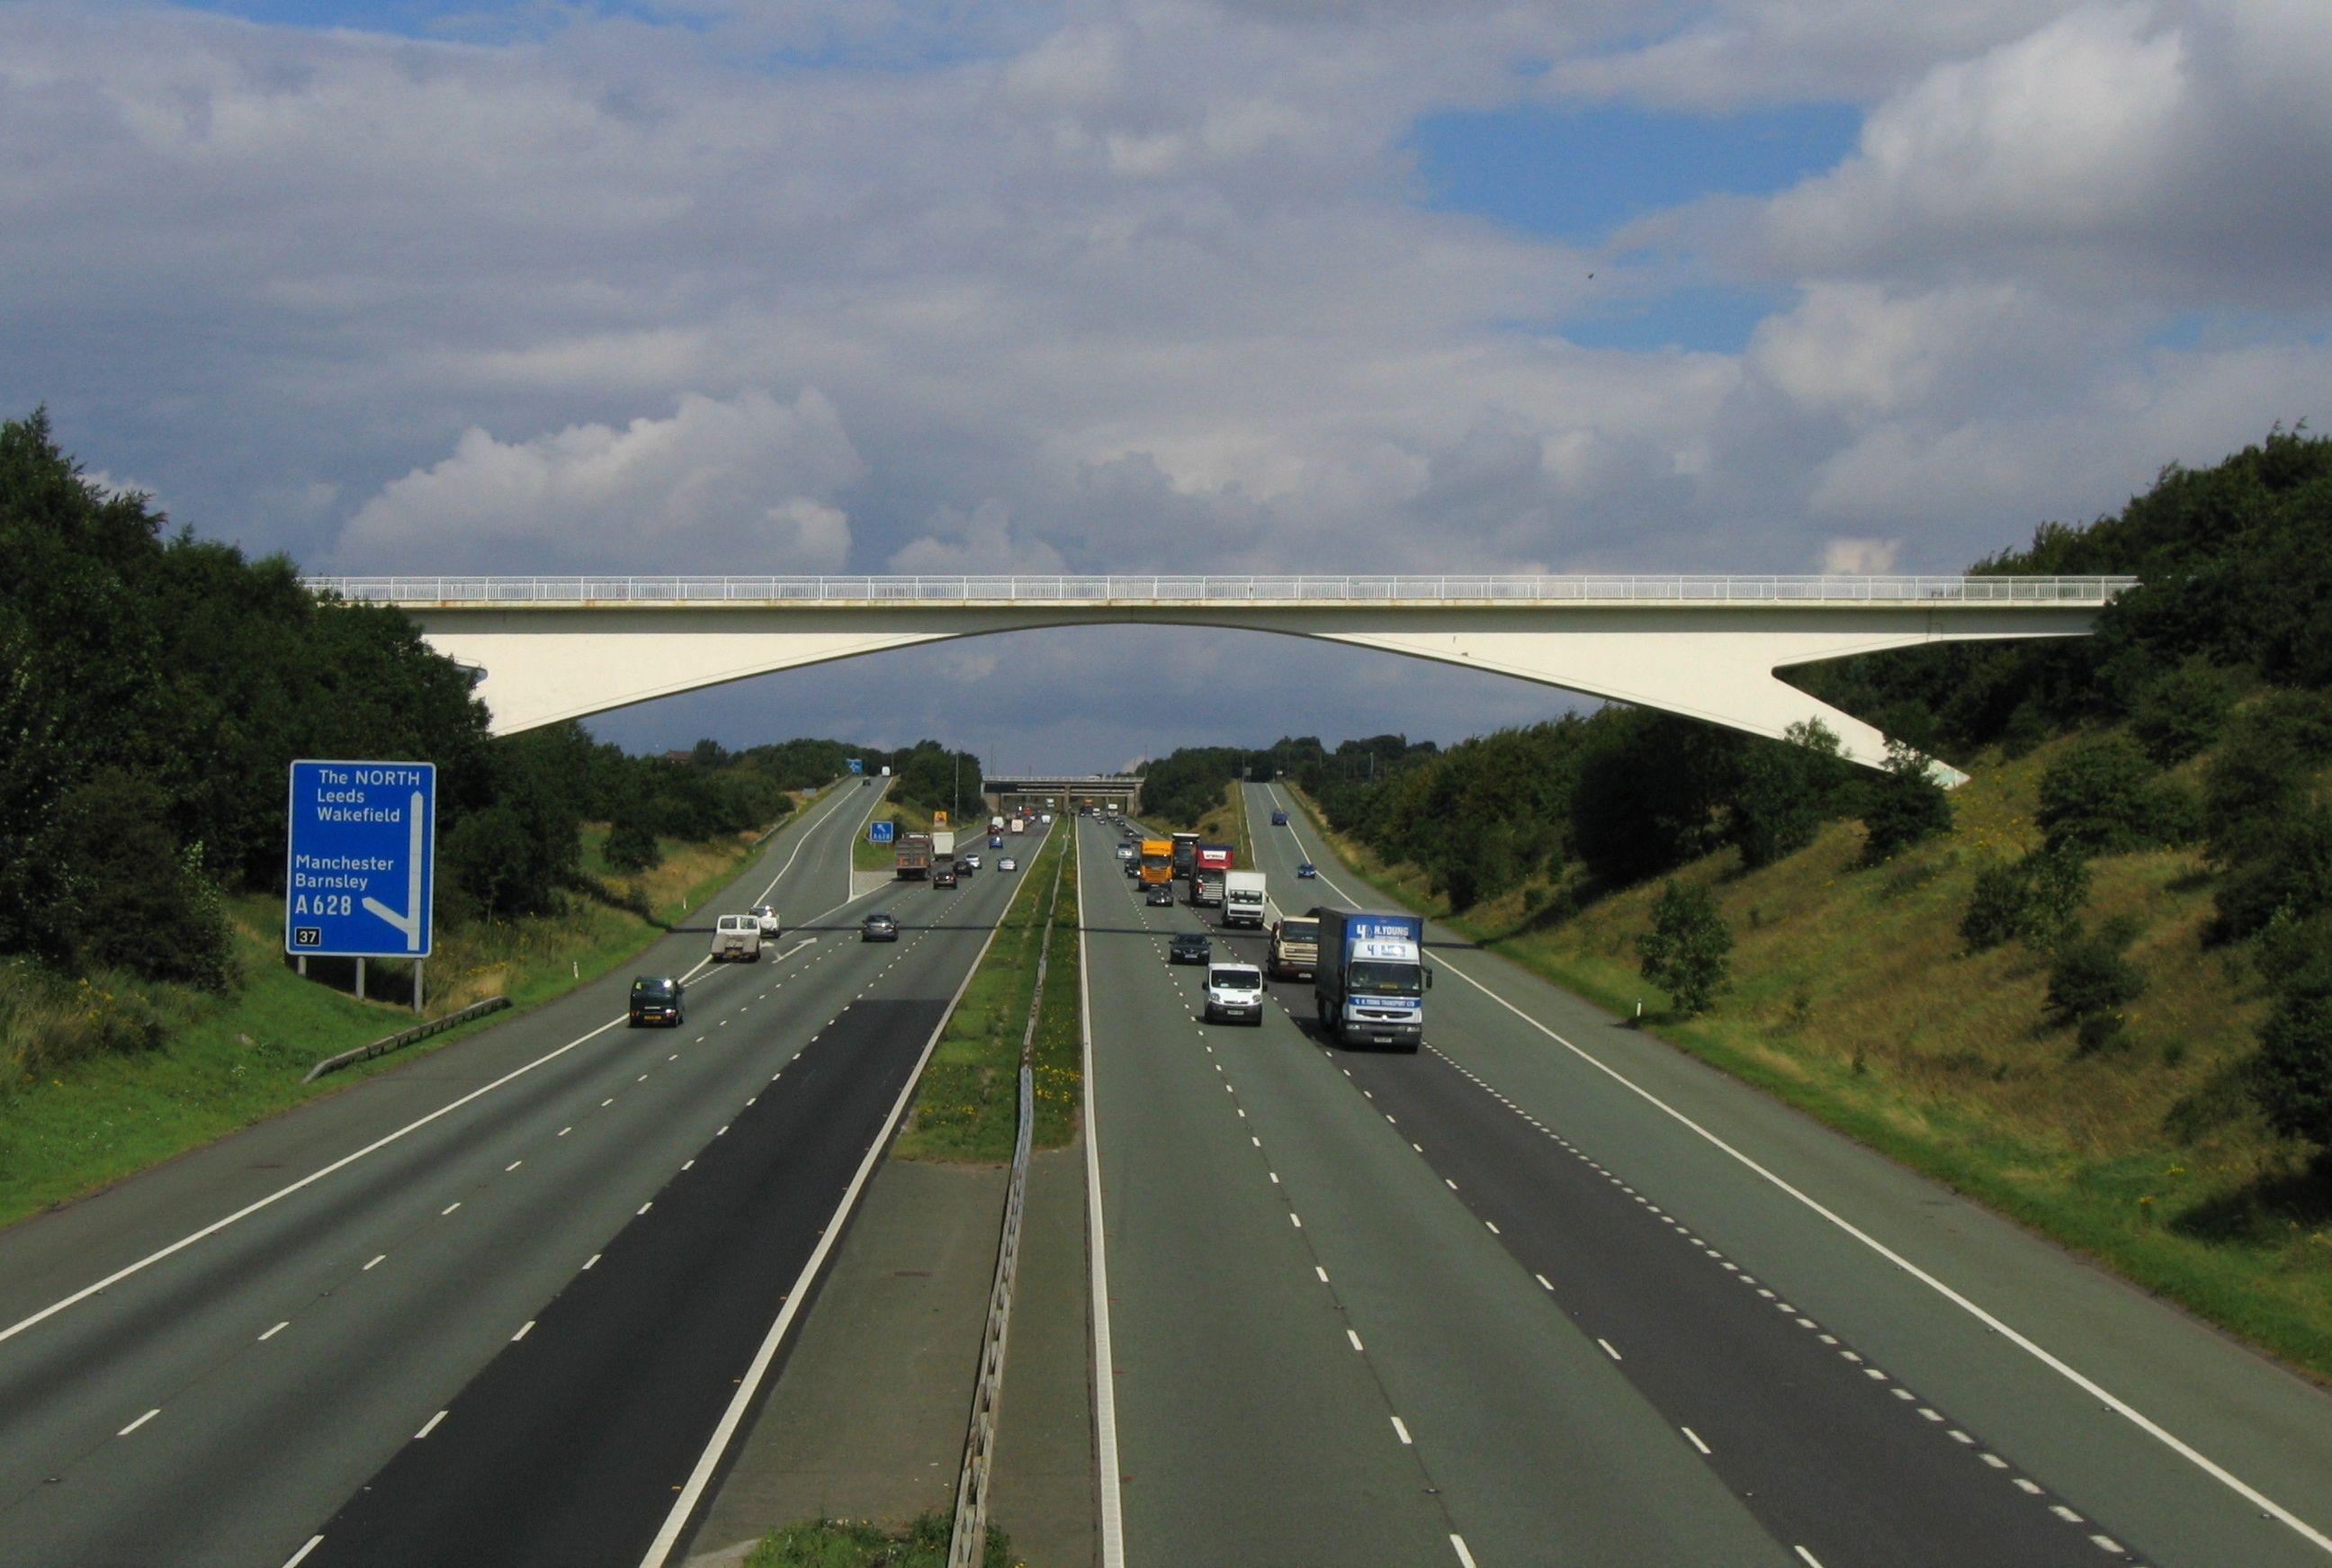 'motorway' in google een weg voor motoren  http://upload.wikimedia.org/wikipedia/commons/b/bd/Motorway_M1_Yorkshire_2007-08-13.jpg